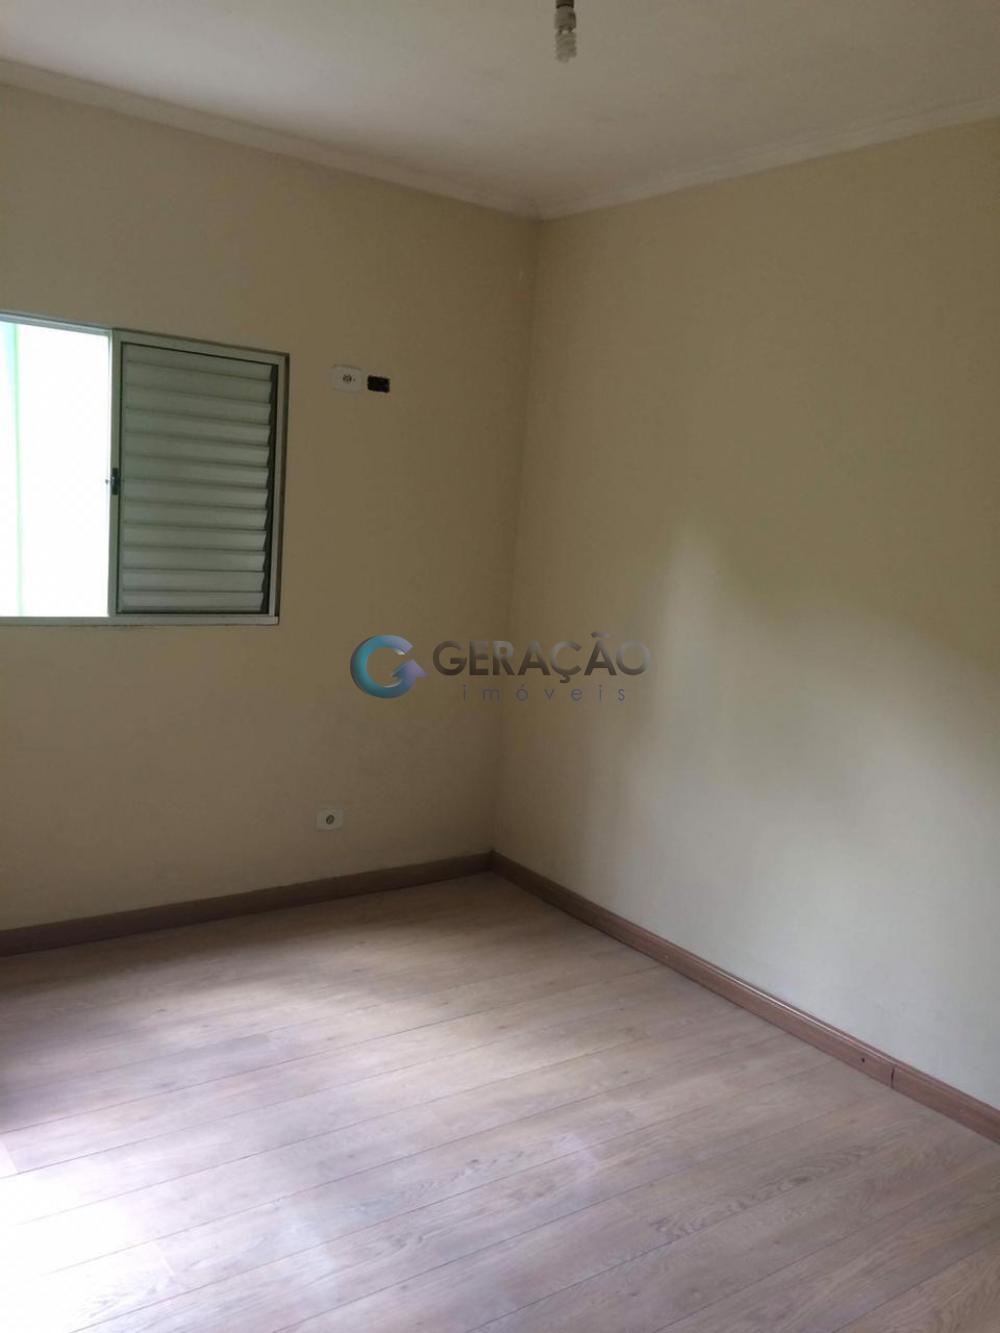 Comprar Casa / Padrão em São José dos Campos apenas R$ 215.000,00 - Foto 9